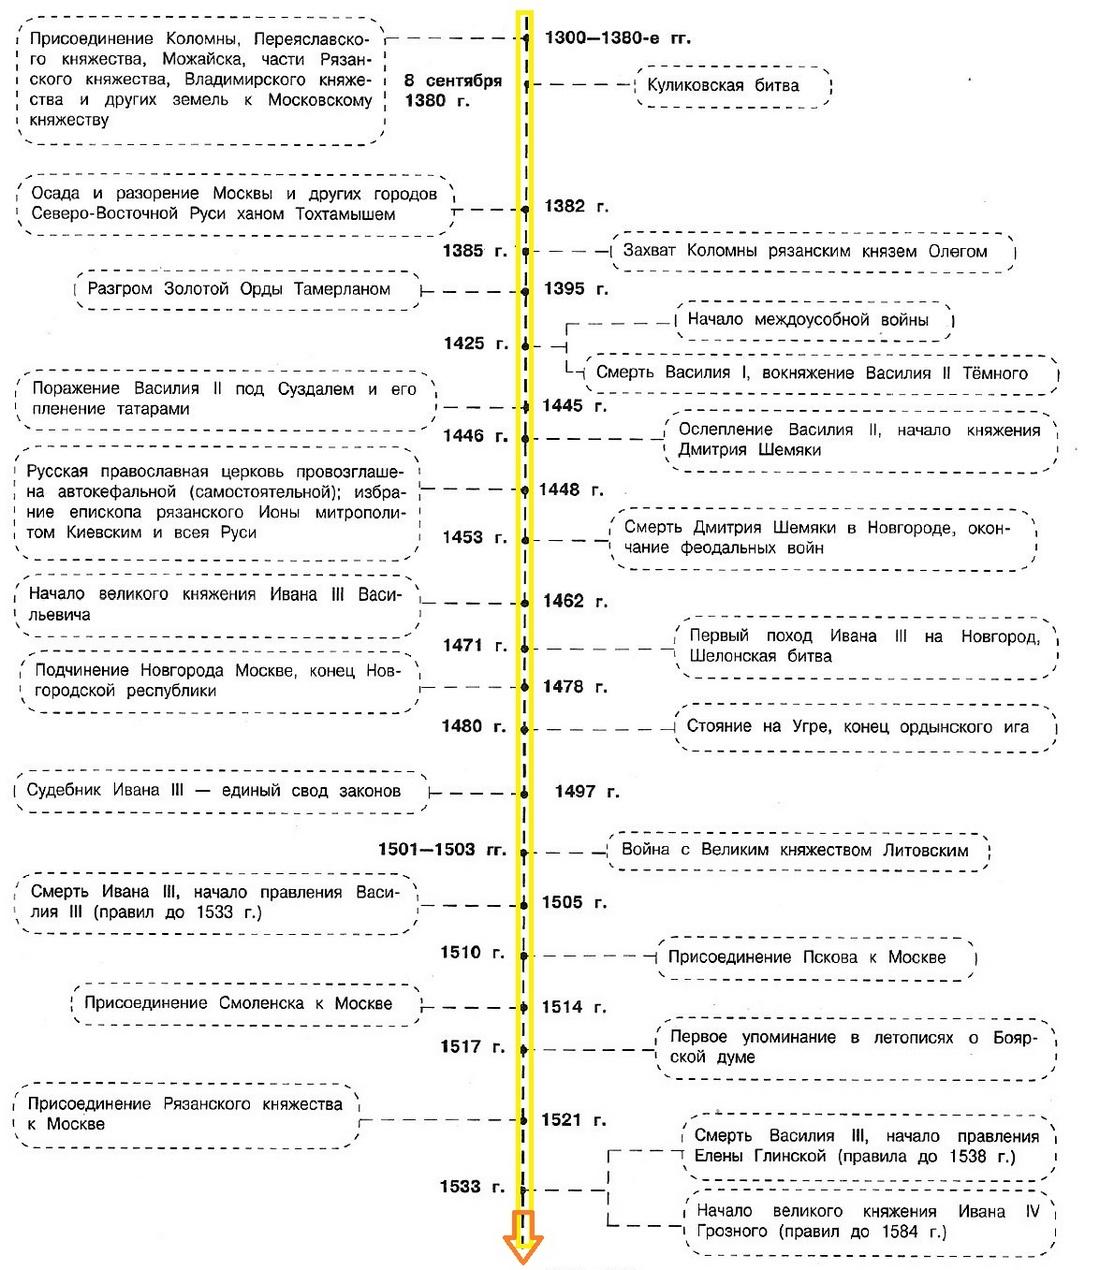 Москва - центр объединения русских земель